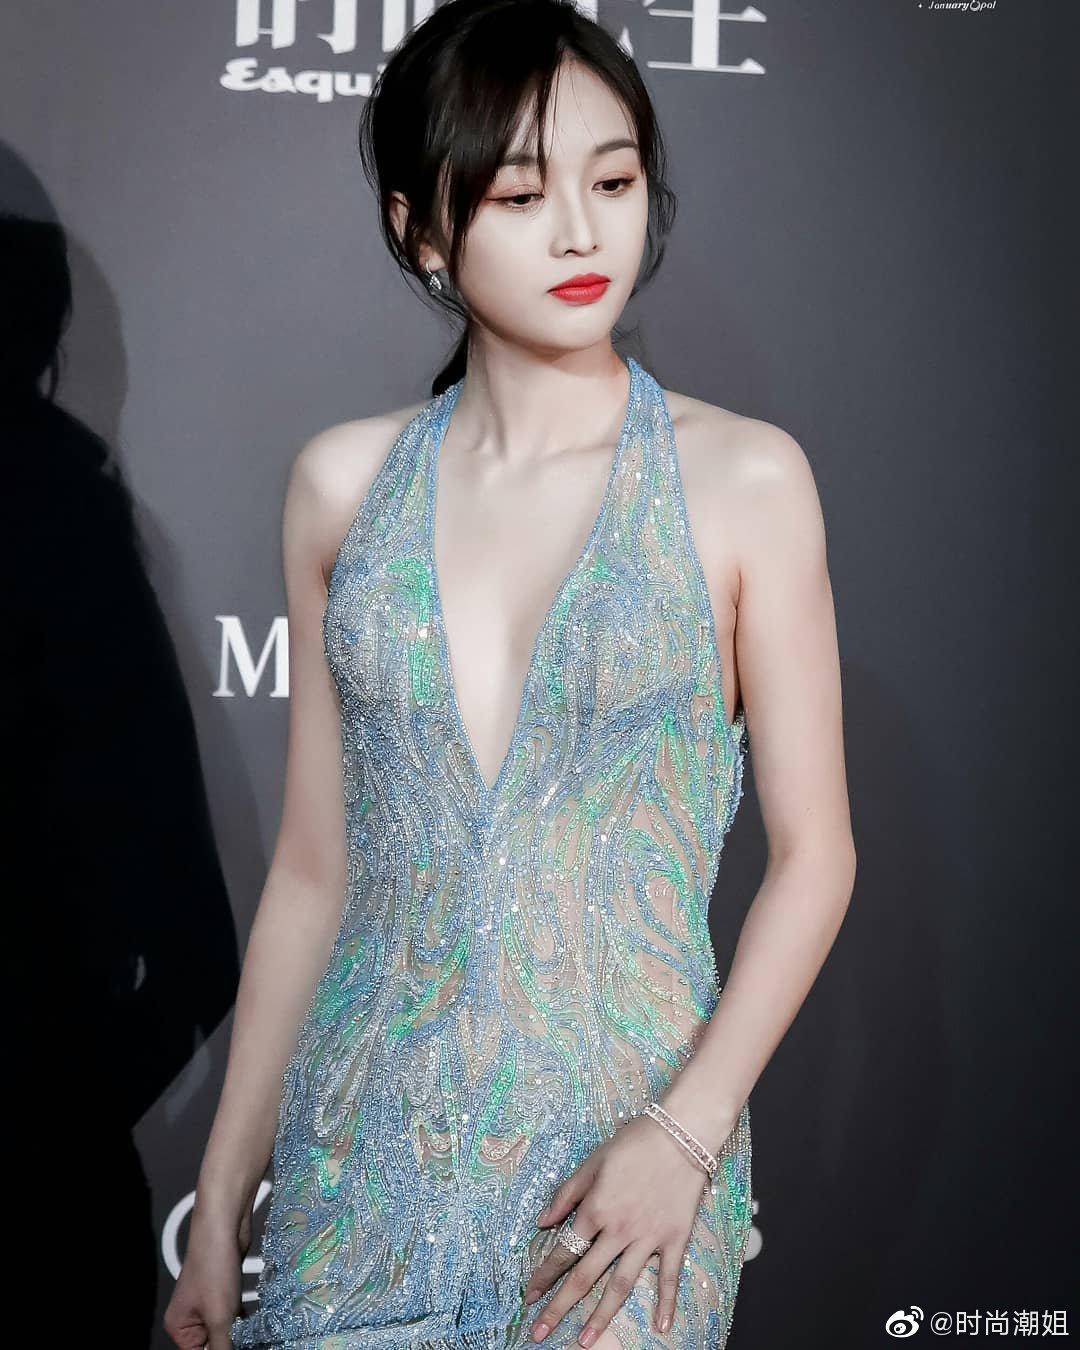 羽毛深V裙性感、温柔、优雅、美丽的吴宣仪 